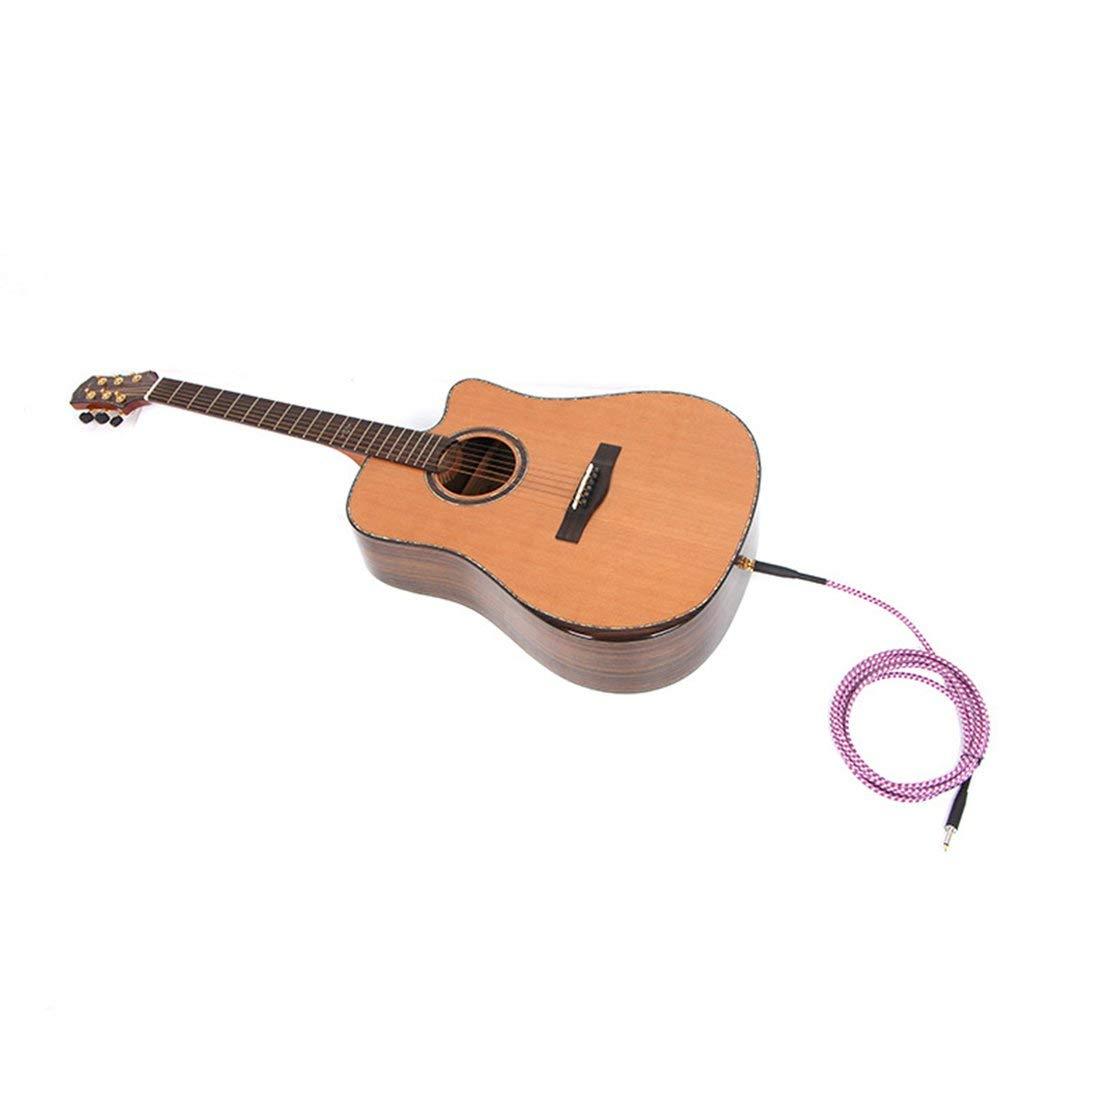 Cable de Guitarra eléctrica Cable de Audio Dos Recta Toma de Ruido del Altavoz de conexión de Pantalla de frecuencia de reducción Vida Solitaria: Amazon.es: ...